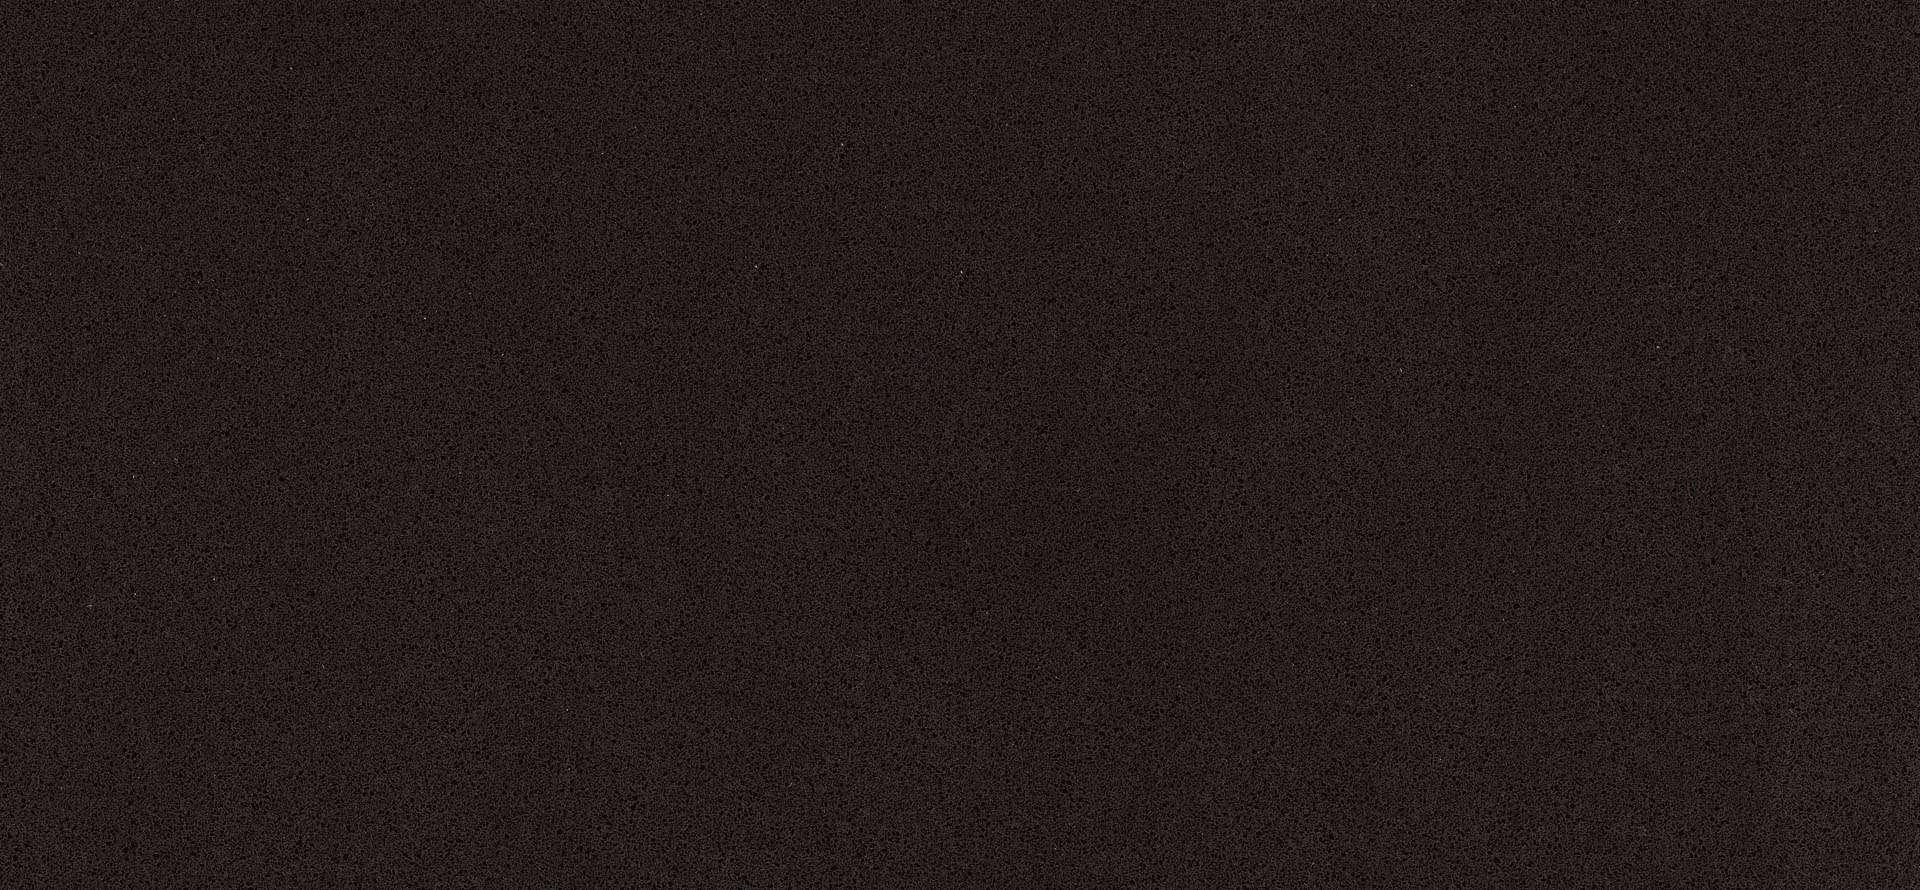 3100 угольно-черный